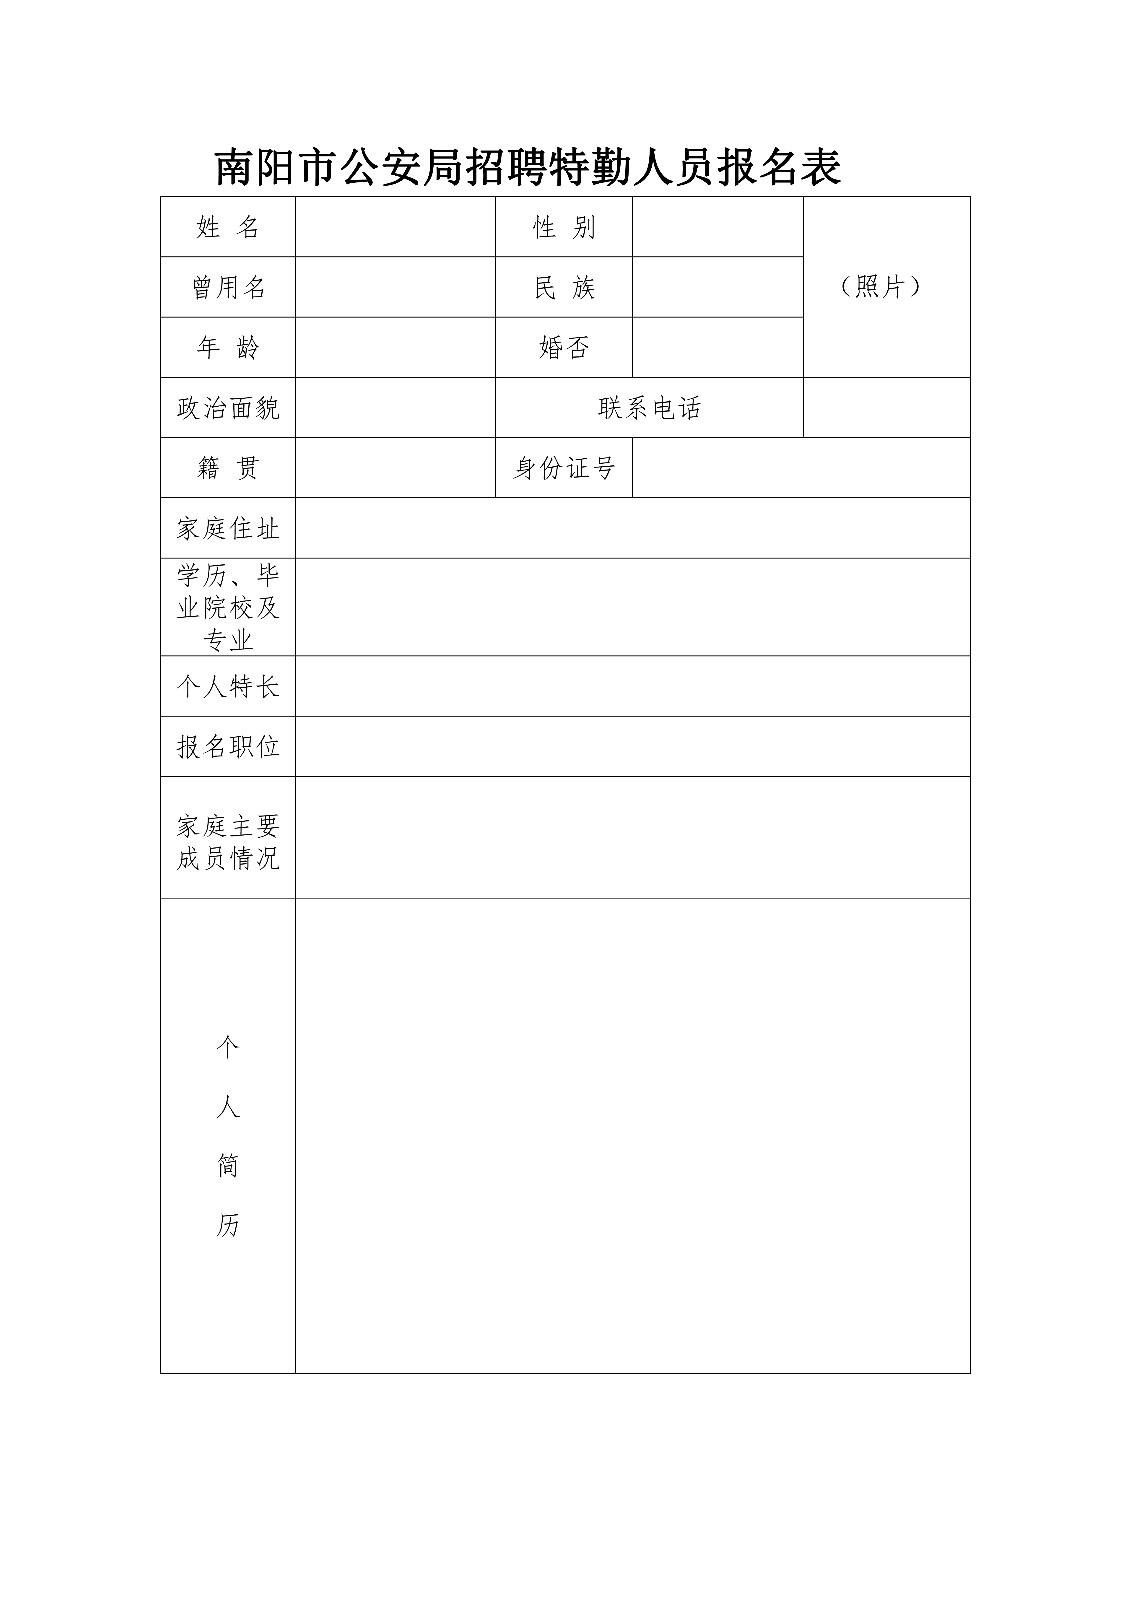 公安局特勤人员报名表.jpg